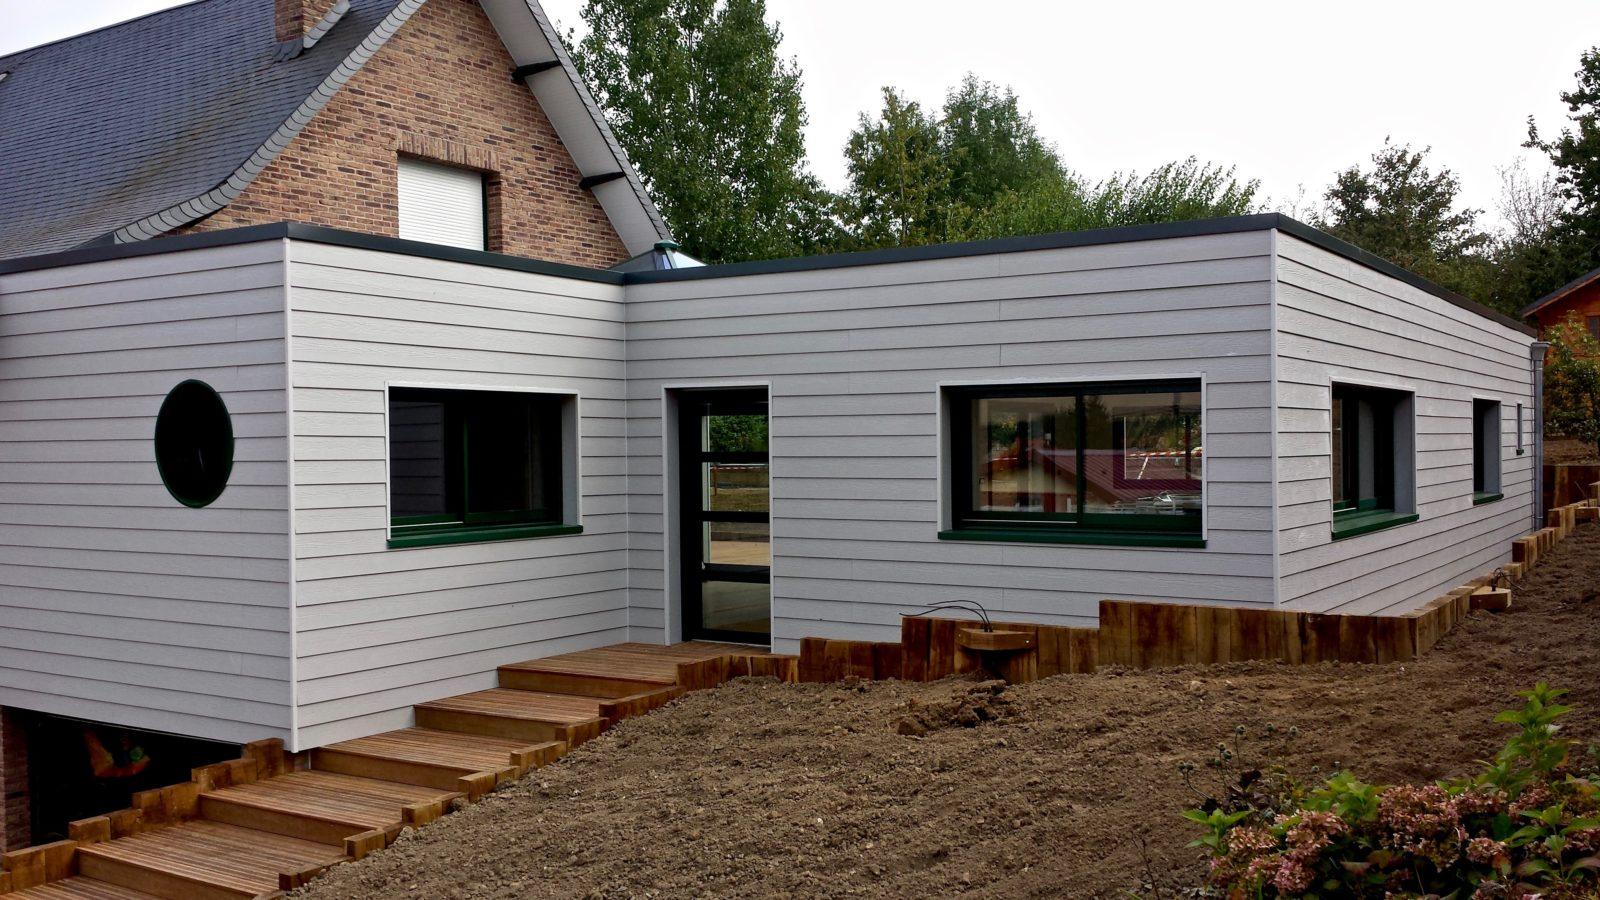 Extension en composite sureleveesur maison traditionnelle